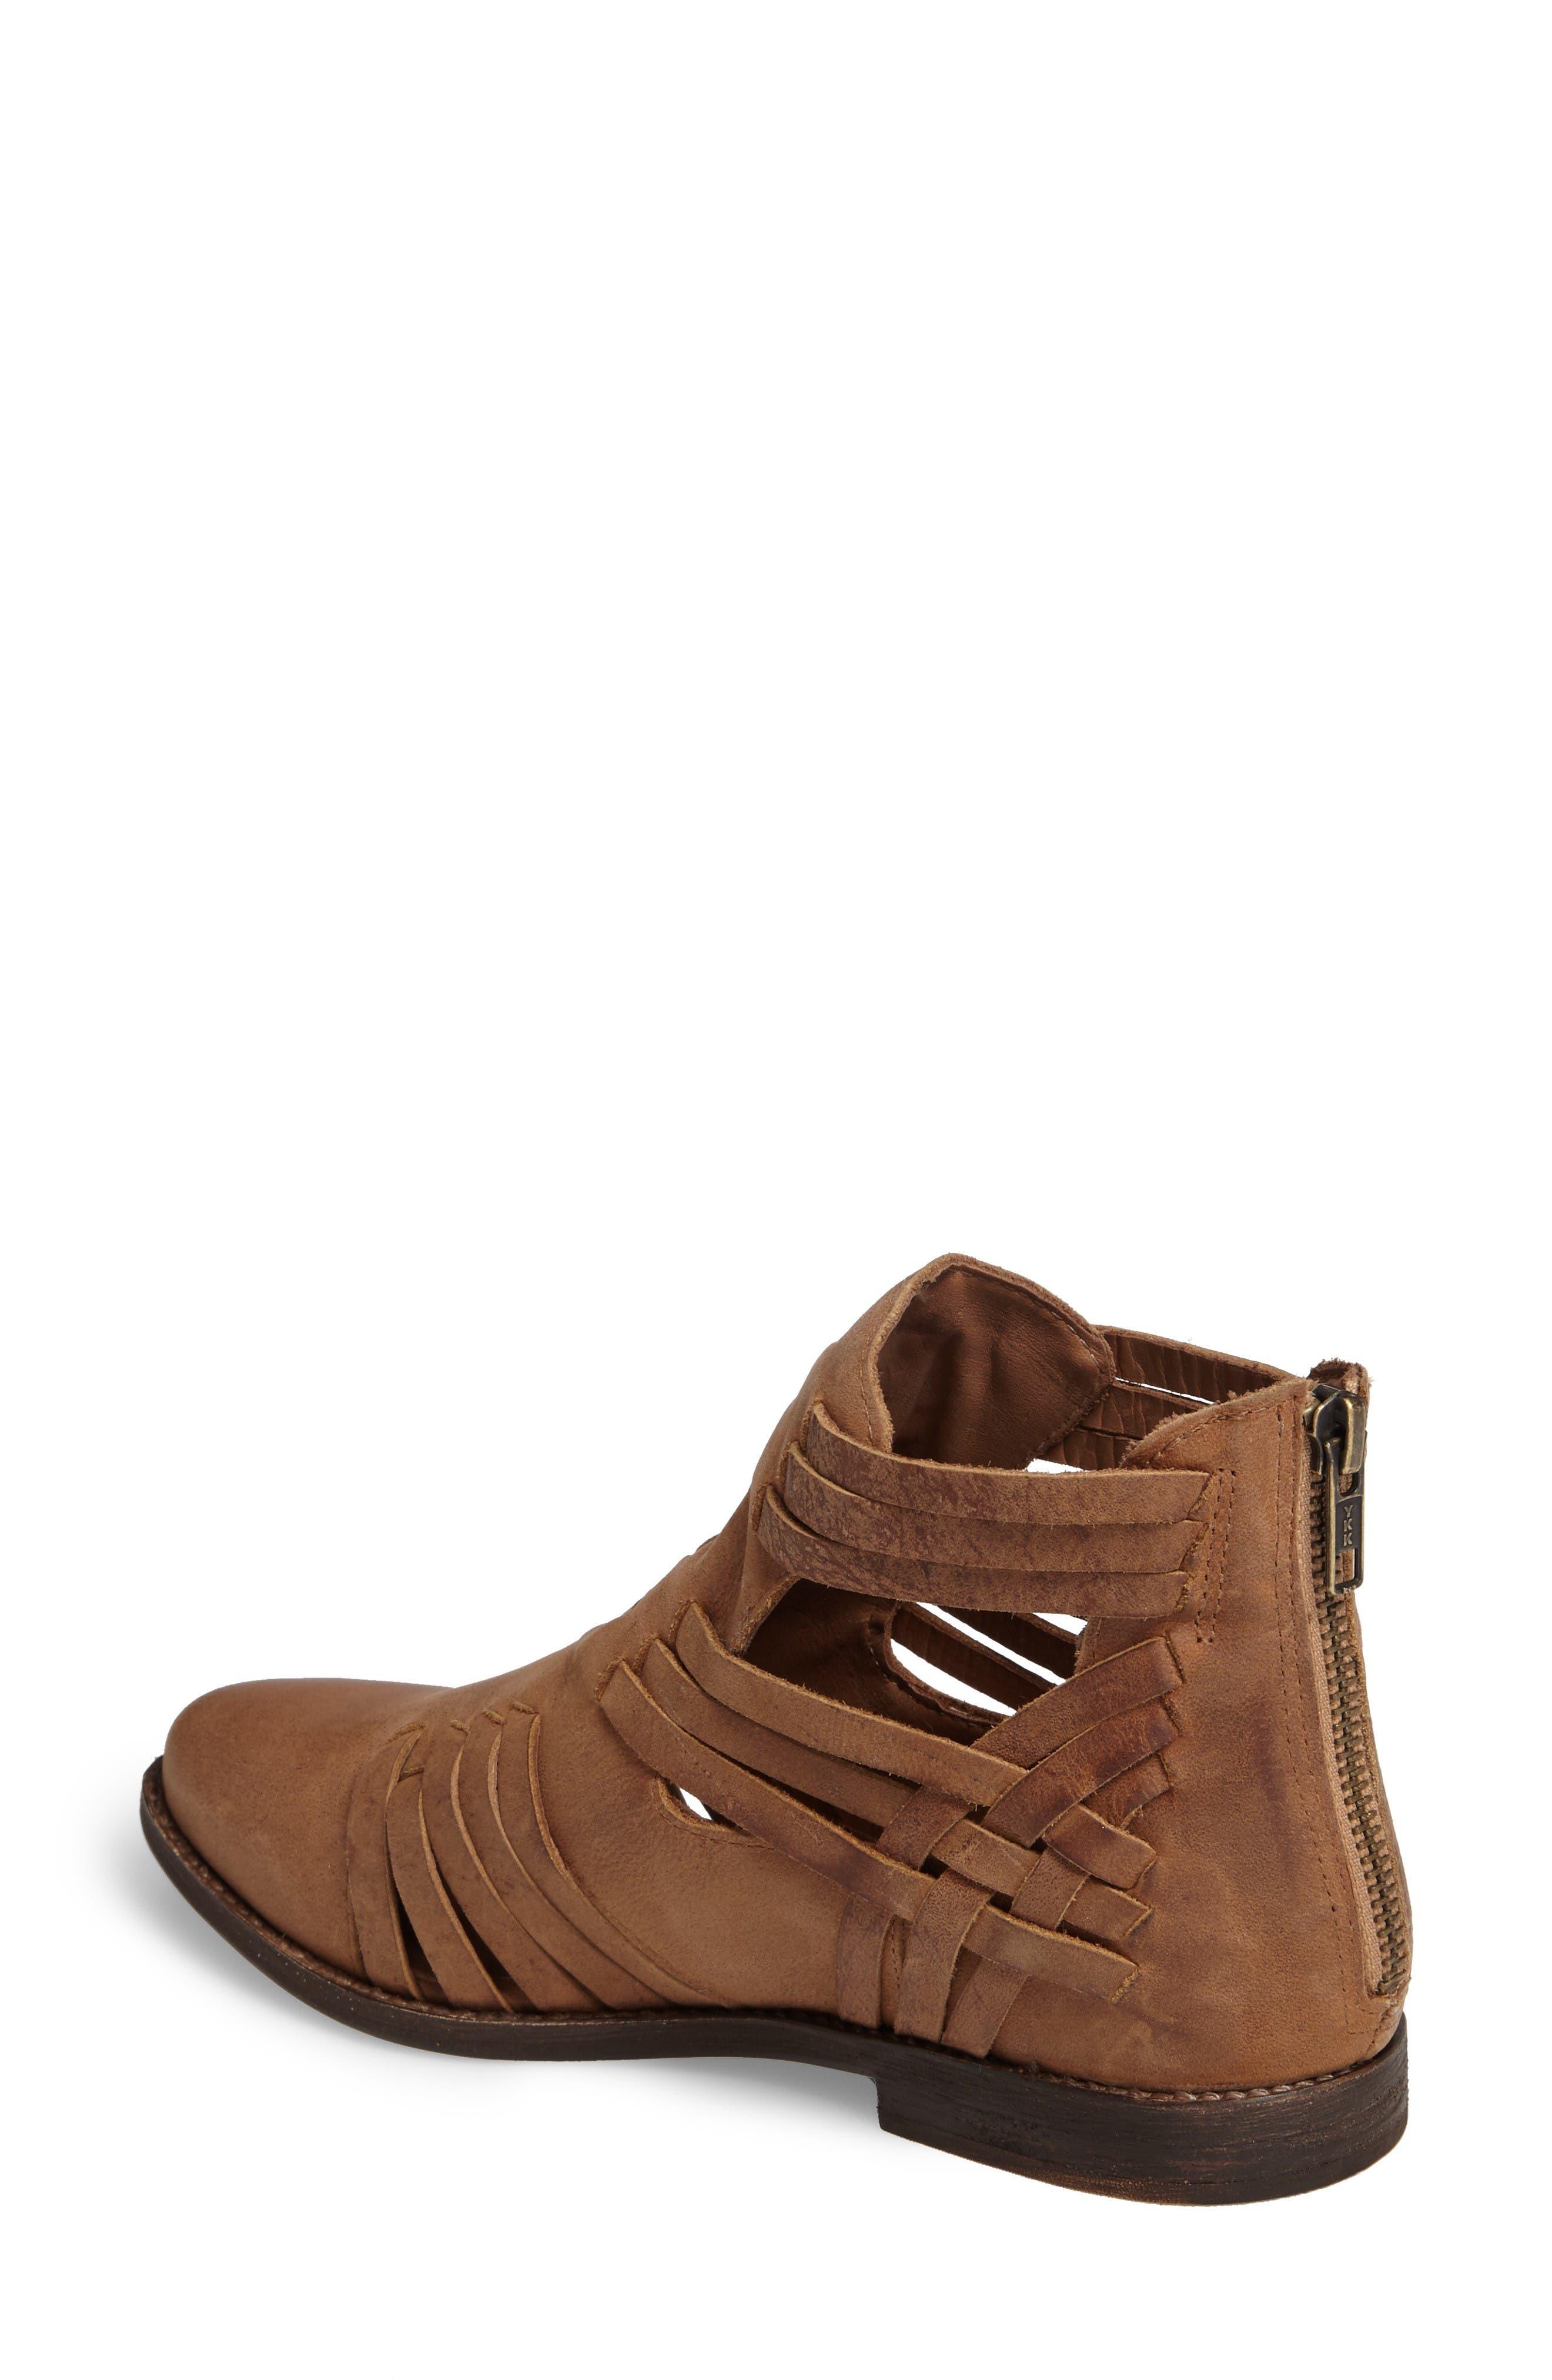 Fairuz Bootie,                             Alternate thumbnail 2, color,                             Tan Leather